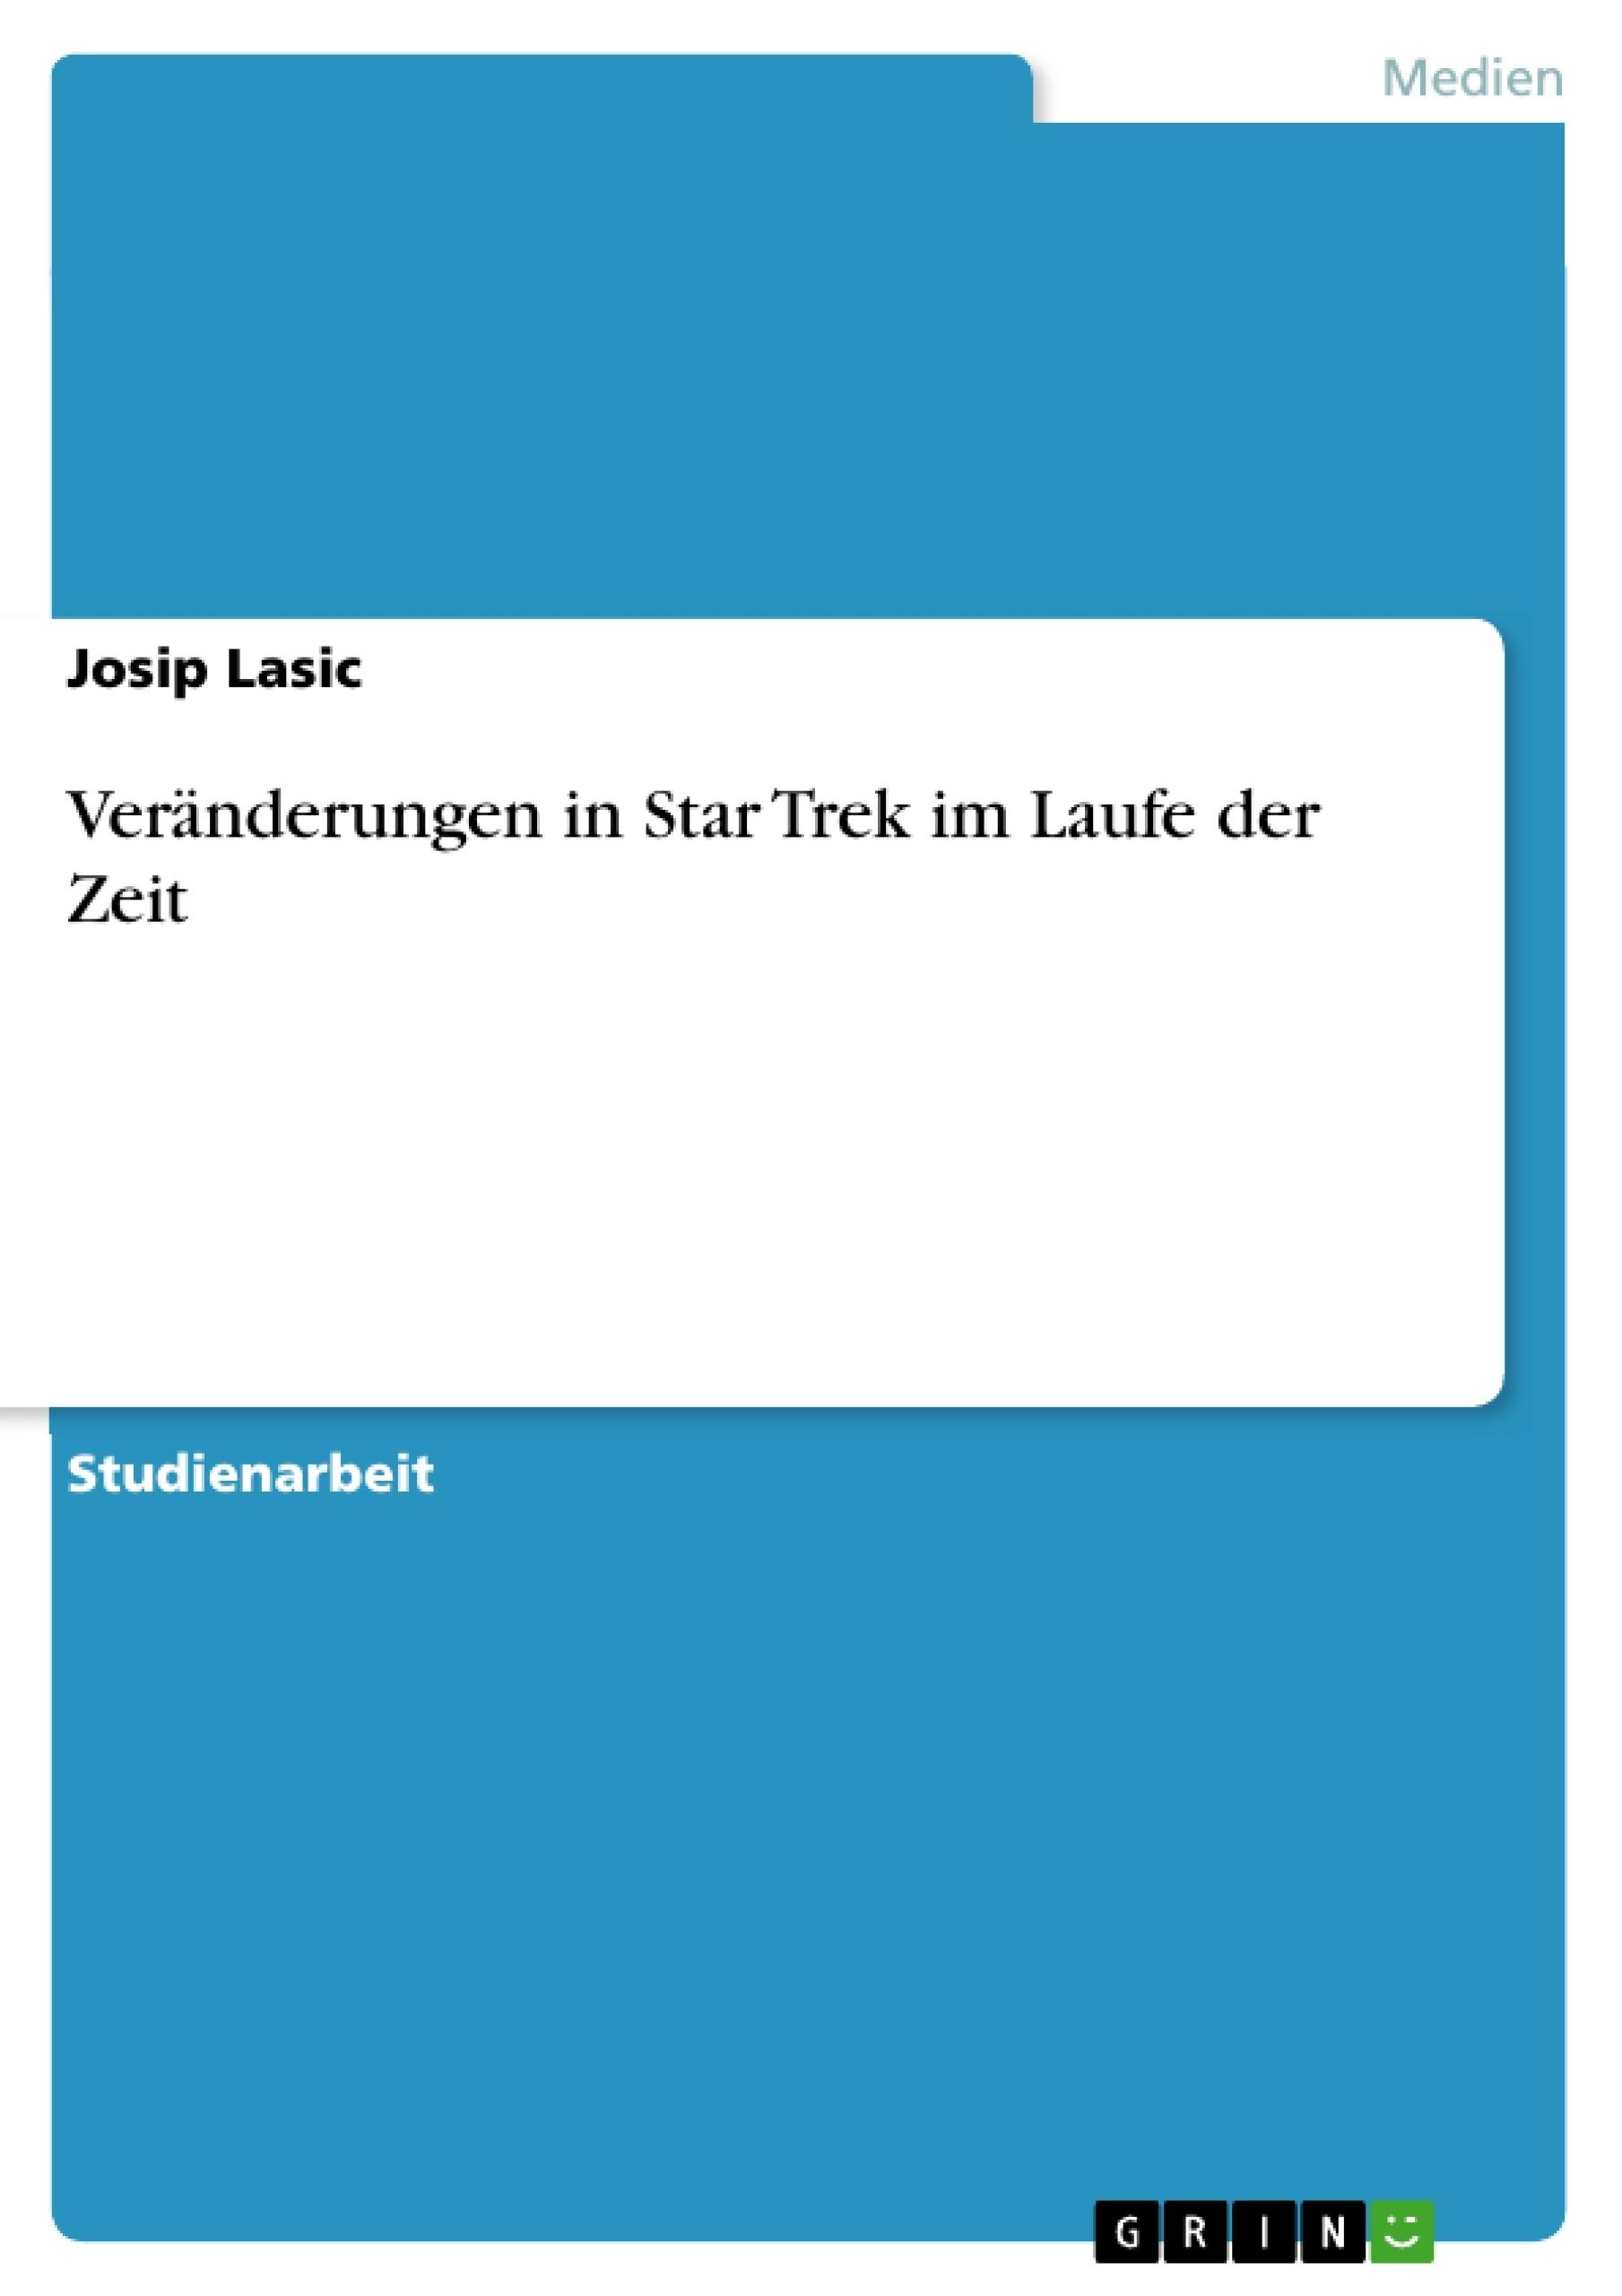 Titel: Veränderungen in Star Trek im Laufe der Zeit